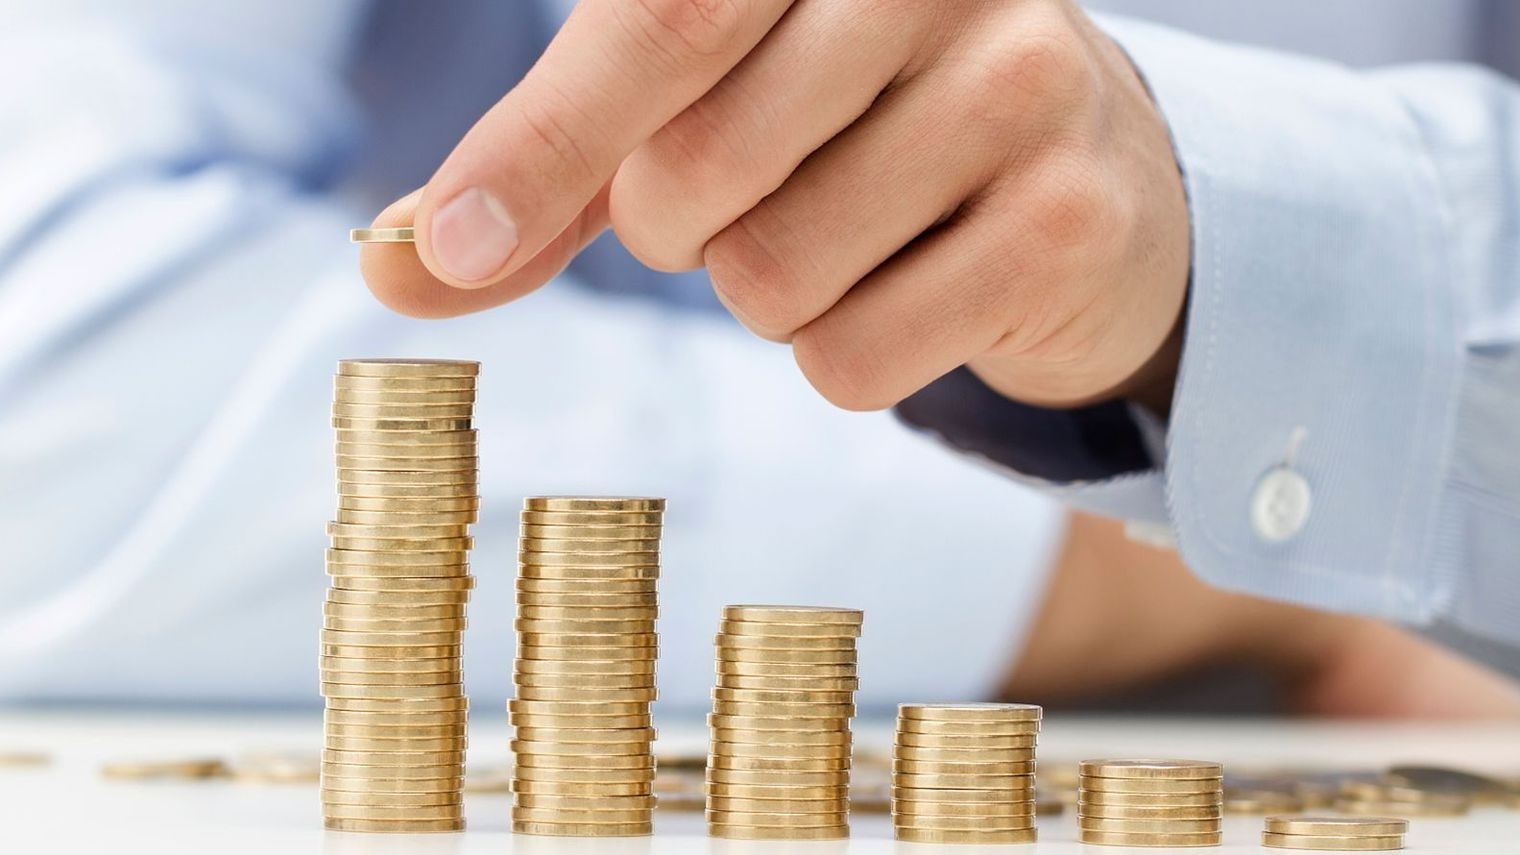 Assurance prêt immobilier : ce qu'il faut savoir sur le contrat d'assurance pret immobilier